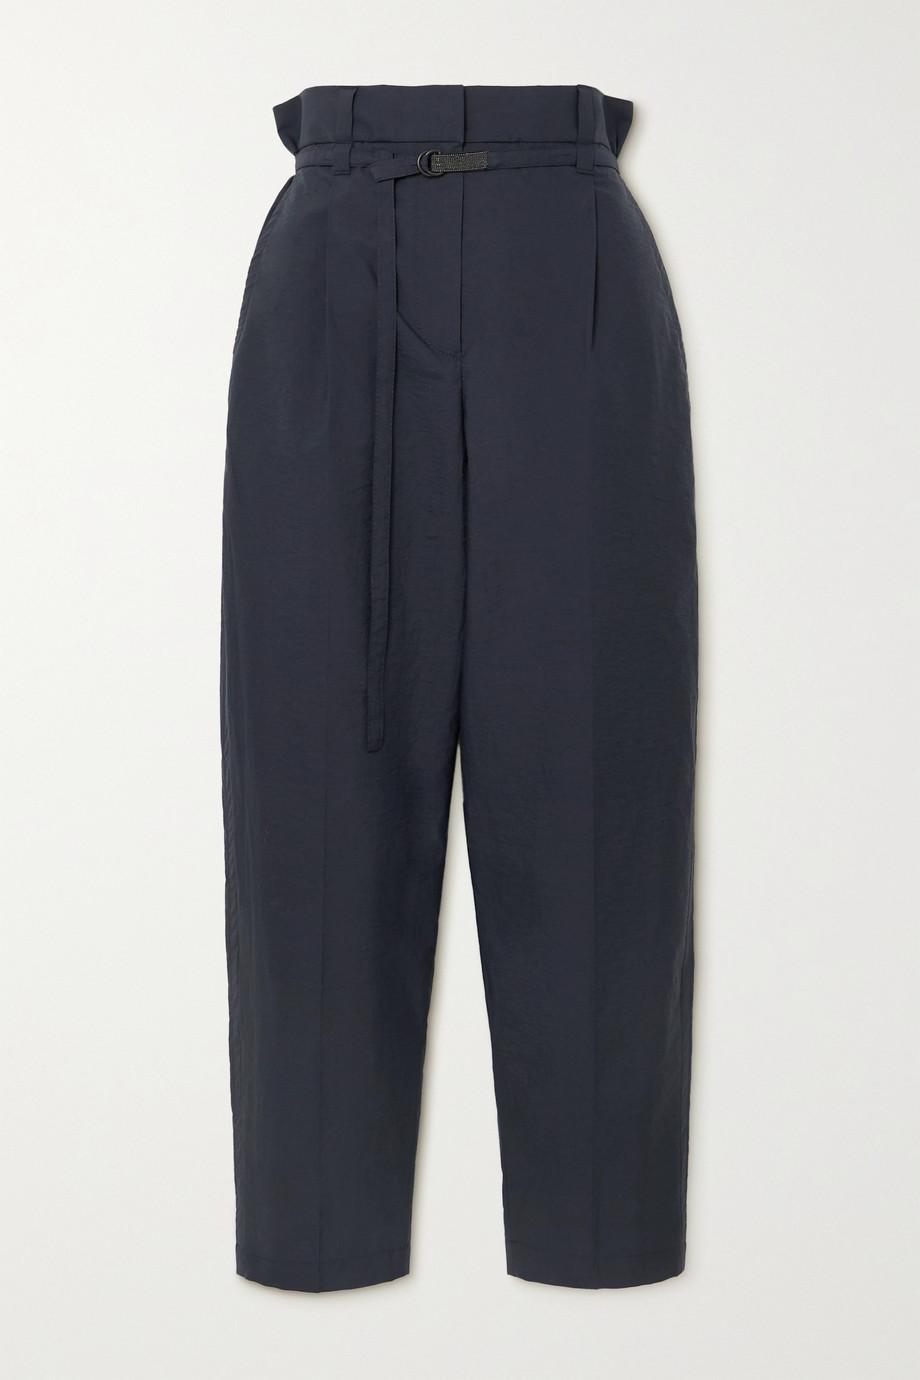 Brunello Cucinelli Pantalon droit en coton mélangé à ceinture